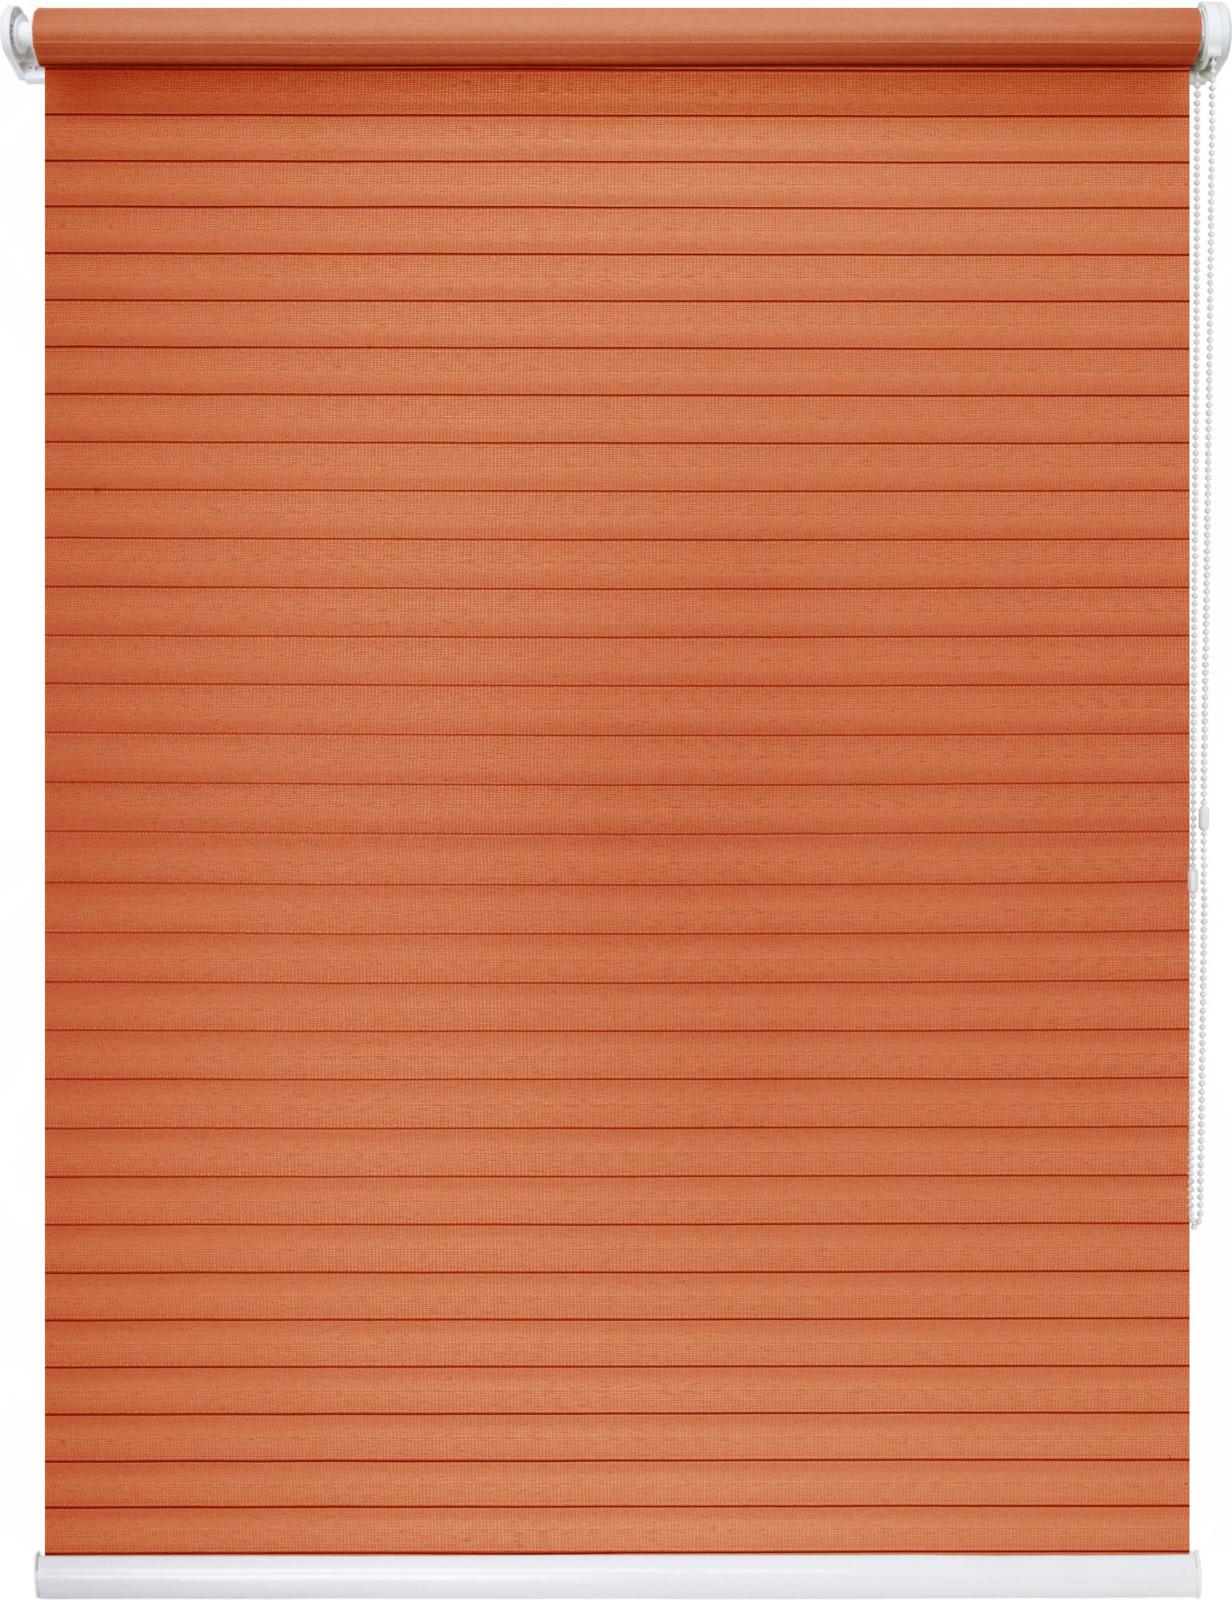 Штора рулонная Уют Кутюр, оранжевый, ширина 70 см, высота 175 см62.РШТО.8296.070х175Штора рулонная Уют выполнена из прочного полиэстера с обработкой специальным составом, отталкивающим пыль. Ткань не выцветает, обладает отличной цветоустойчивостью и светонепроницаемостью. Штора закрывает не весь оконный проем, а непосредственно само стекло и может фиксироваться в любом положении. Она быстро убирается и надежно защищает от посторонних взглядов. Компактность помогает сэкономить пространство. Универсальная конструкция позволяет крепить штору на раму без сверления, также можно монтировать на стену, потолок, створки, в проем, ниши, на деревянные или пластиковые рамы. В комплект входят регулируемые установочные кронштейны и набор для боковой фиксации шторы. Возможна установка с управлением цепочкой как справа, так и слева. Изделие при желании можно самостоятельно уменьшить. Такая штора станет прекрасным элементом декора окна и гармонично впишется в интерьер любого помещения.